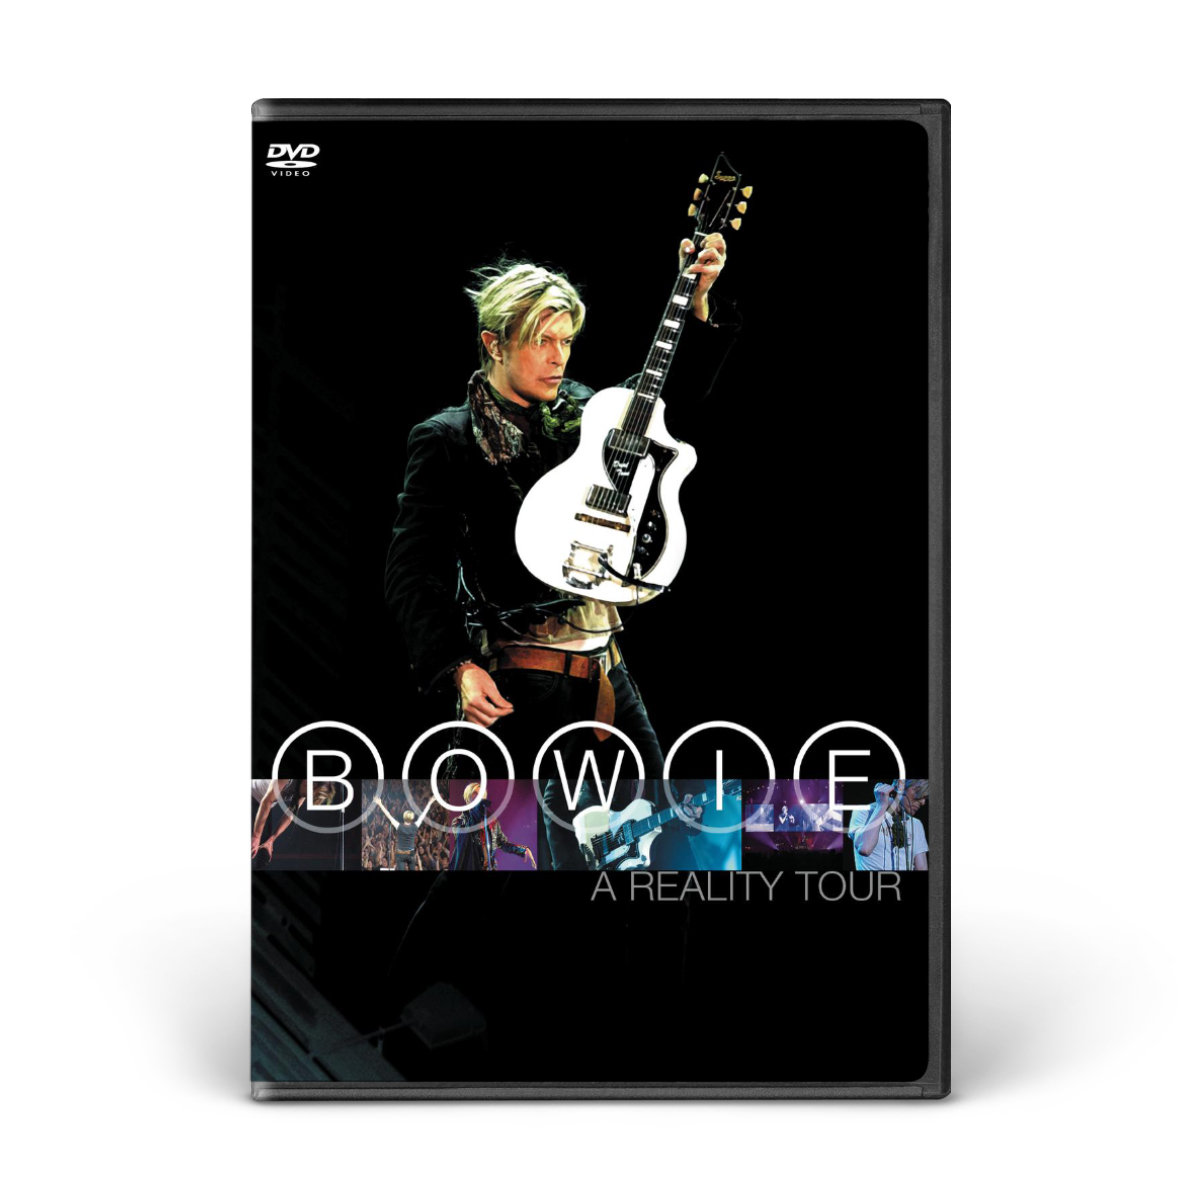 David Bowie A Reality Tour DVD